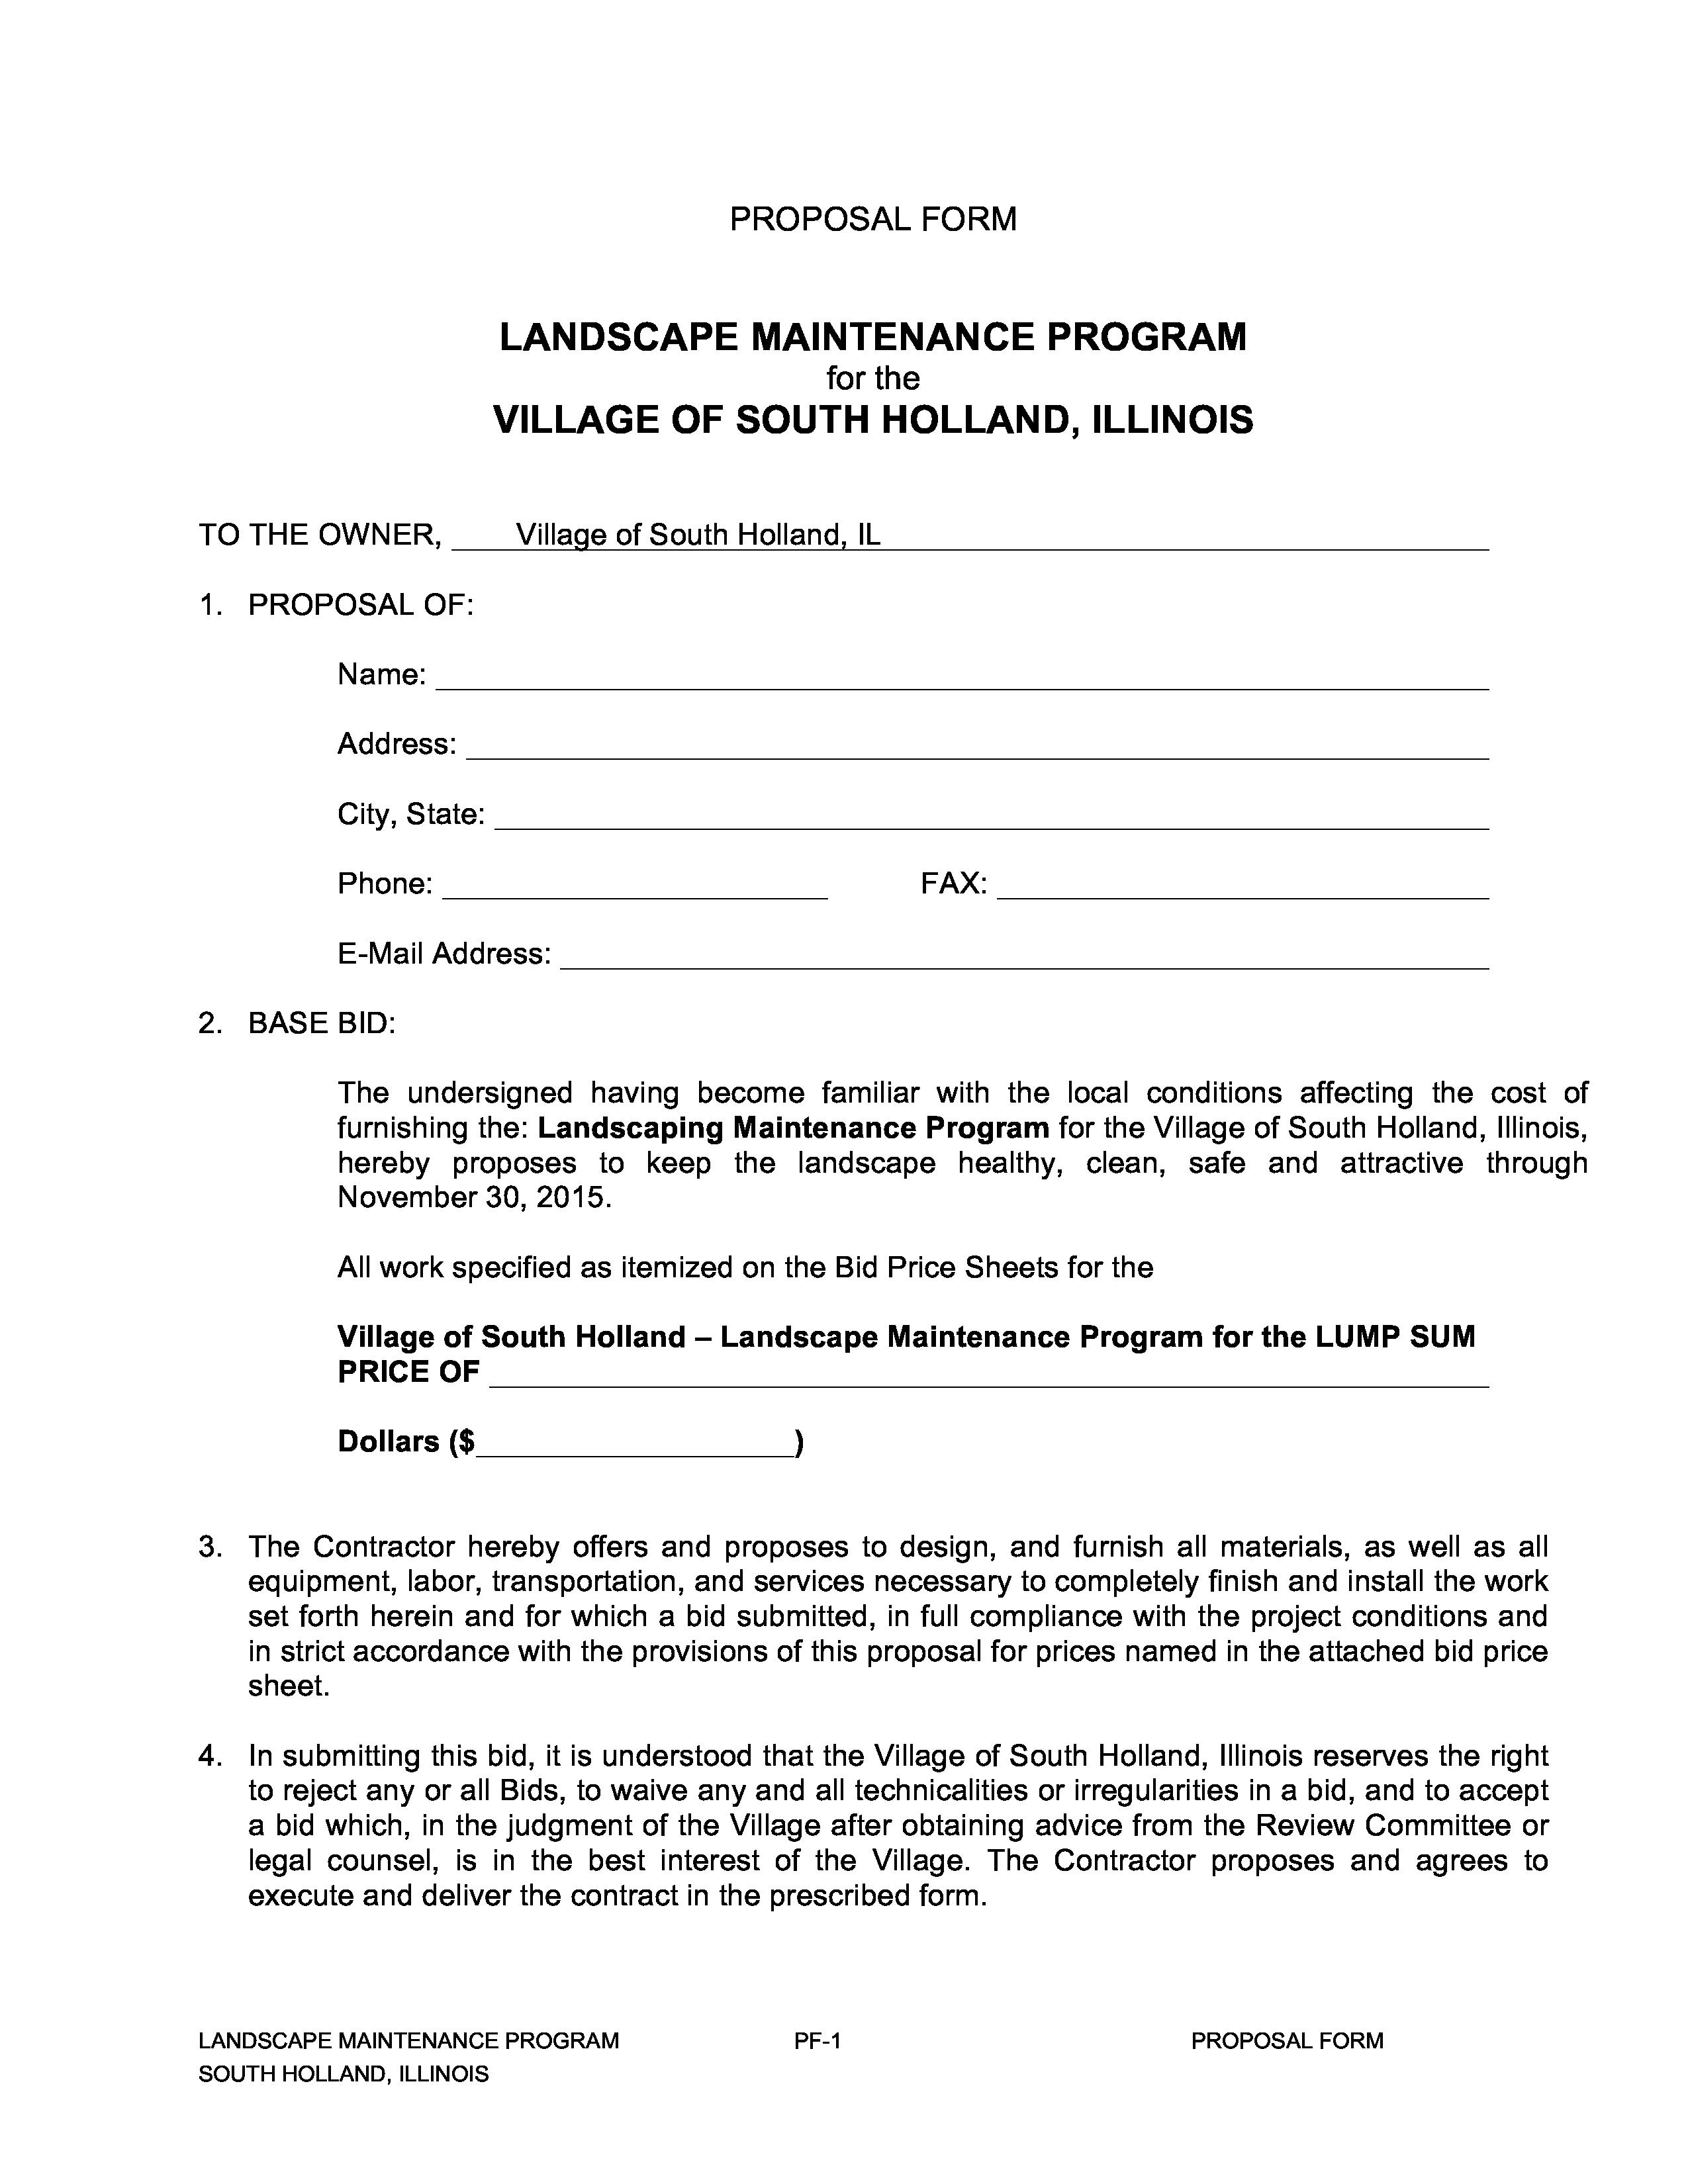 Landscape Maintenance Proposal Template Beautiful Landscaping Proposal Template Search Result 96 Cliparts